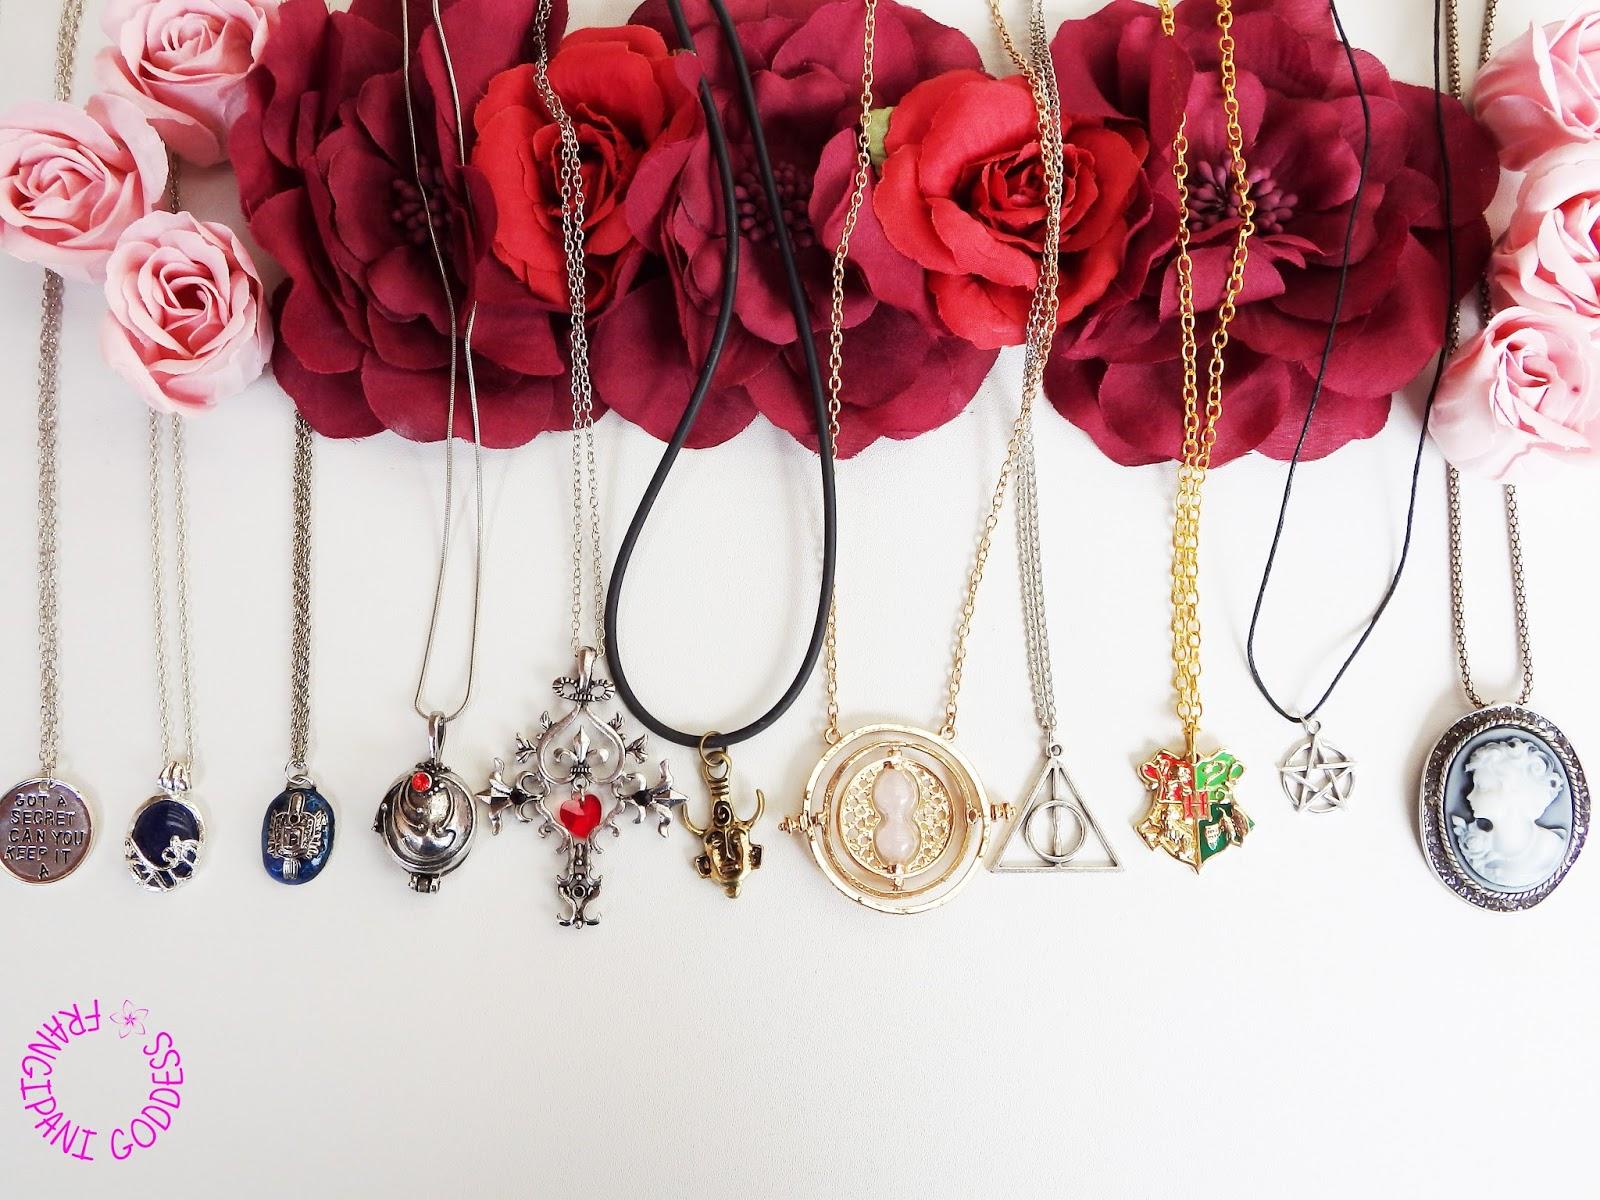 frangipani goddess fandom jewellery